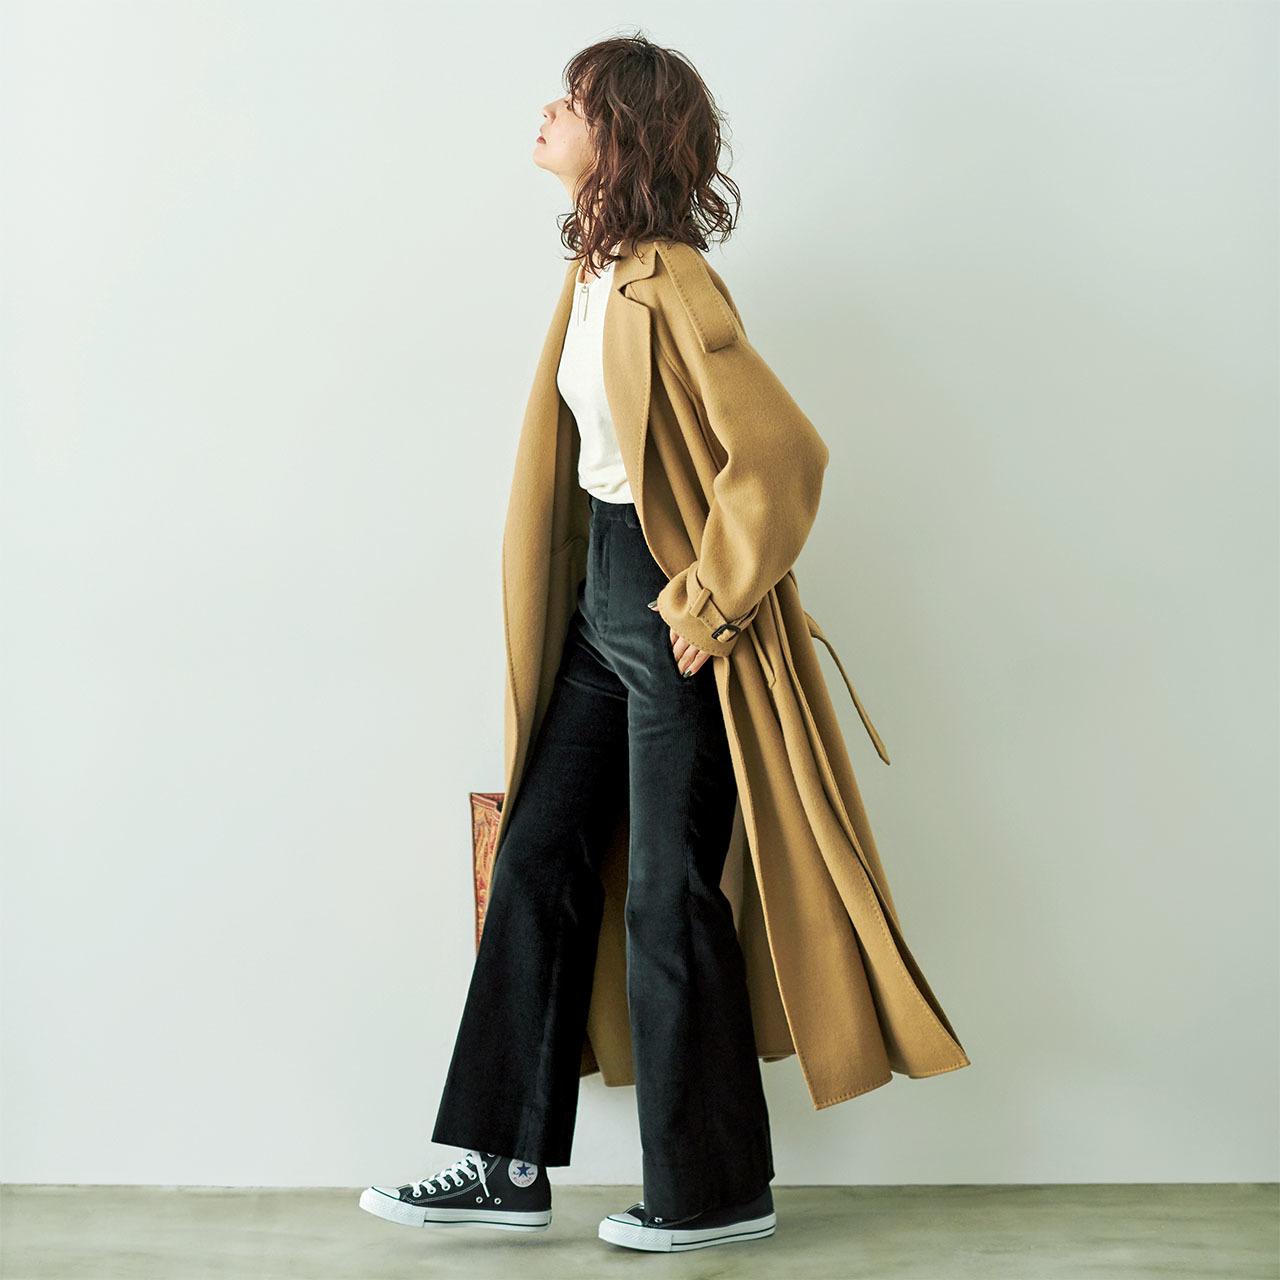 コート×スニーカー×コーデュロイパンツのファッションコーデ